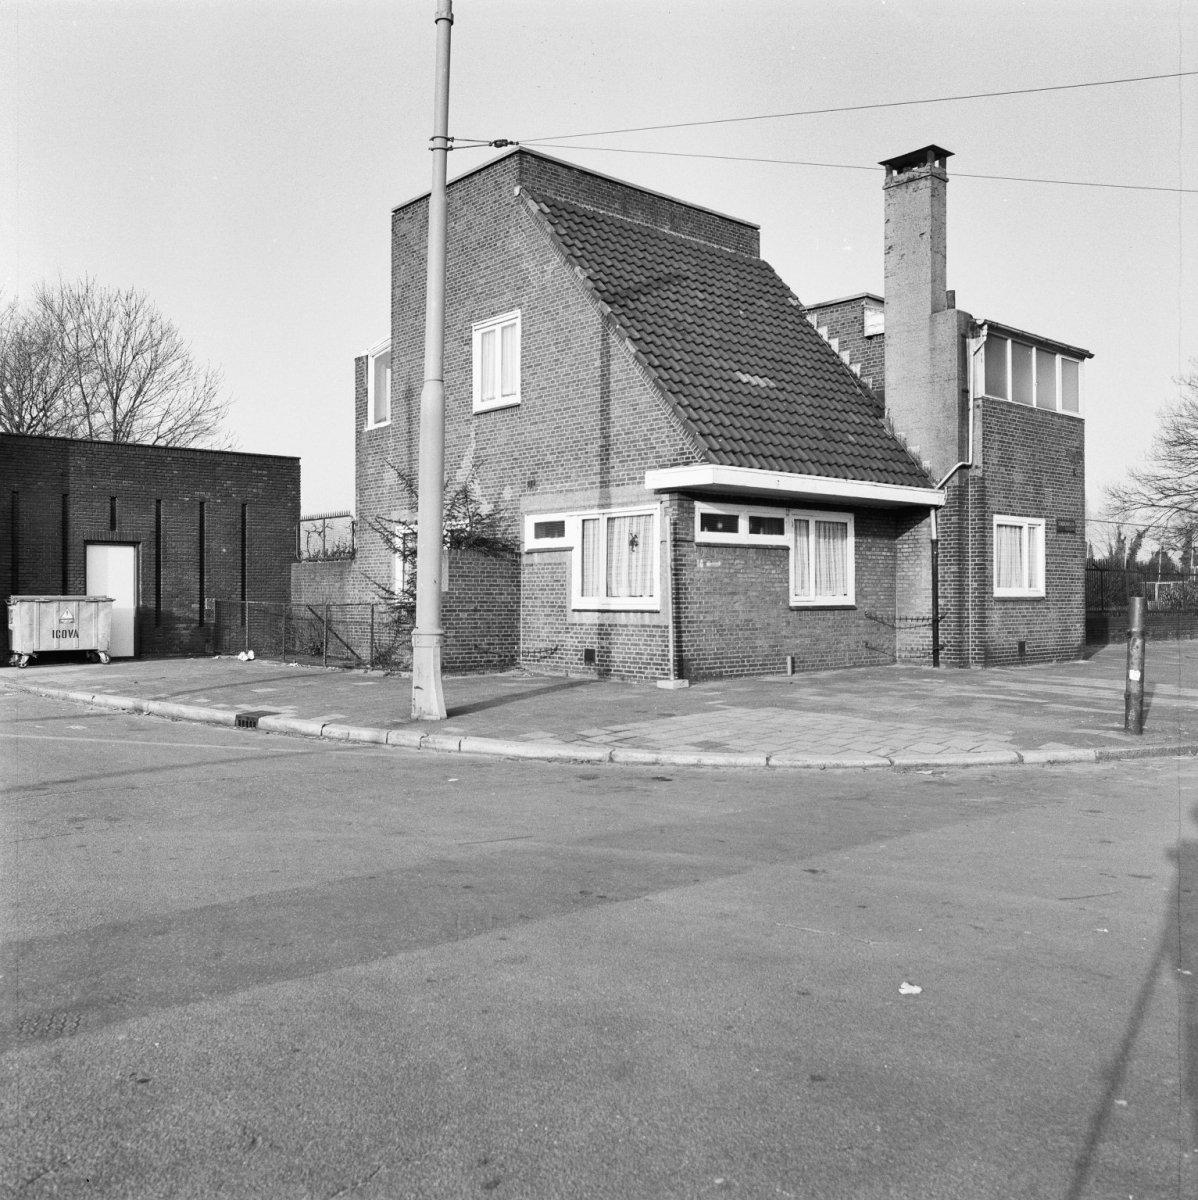 Olympisch stadion noordelijke dienstwoning in amsterdam monument - Expressionistische architectuur ...